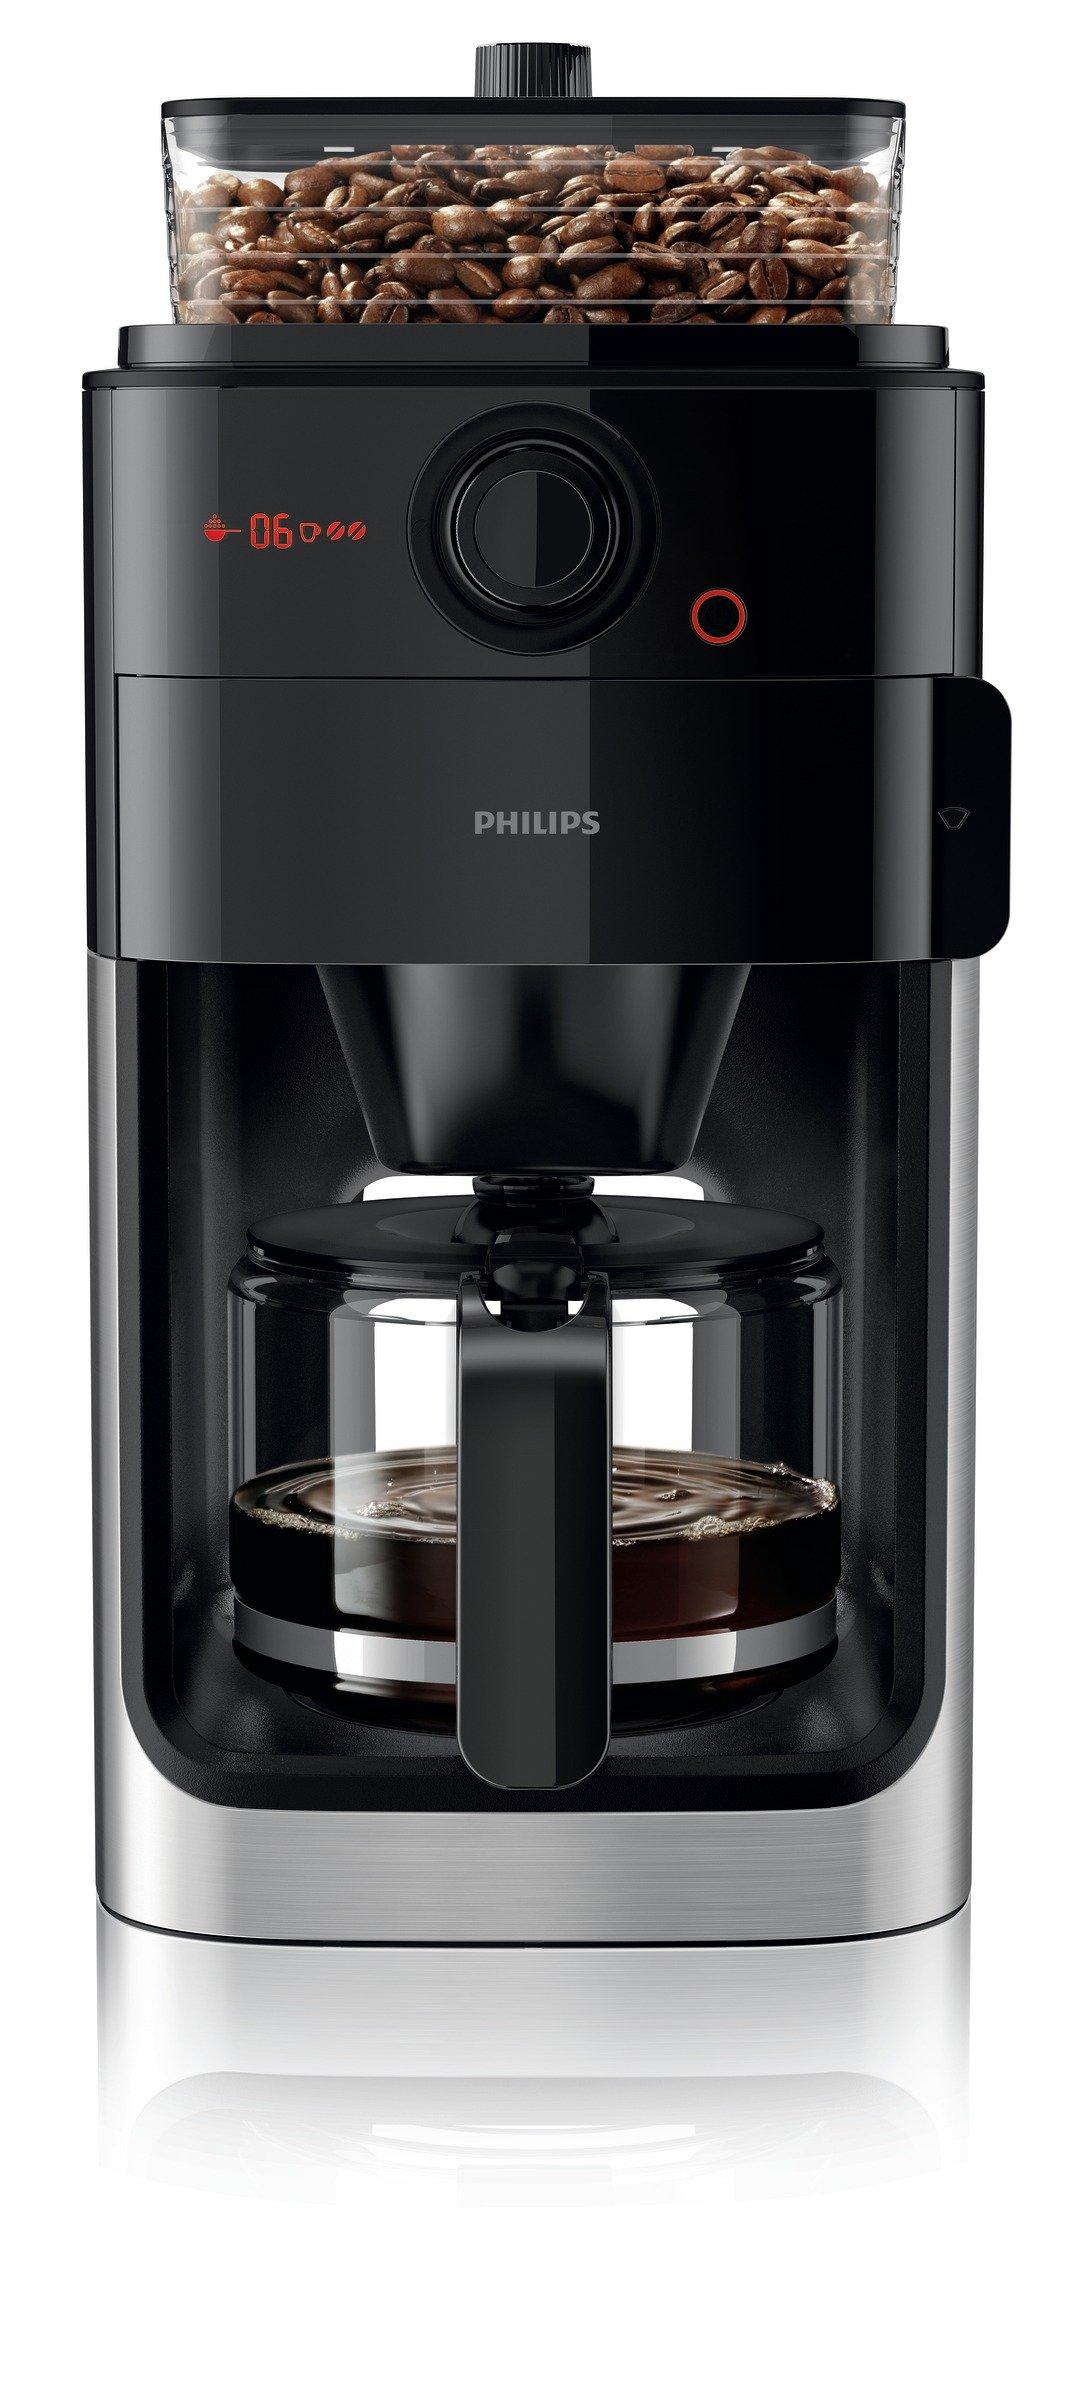 Philips Grind & Brew - Cafetera de goteo con contenedor para moler café, capacidad 15 tazas, 1,2 l: Amazon.es: Hogar